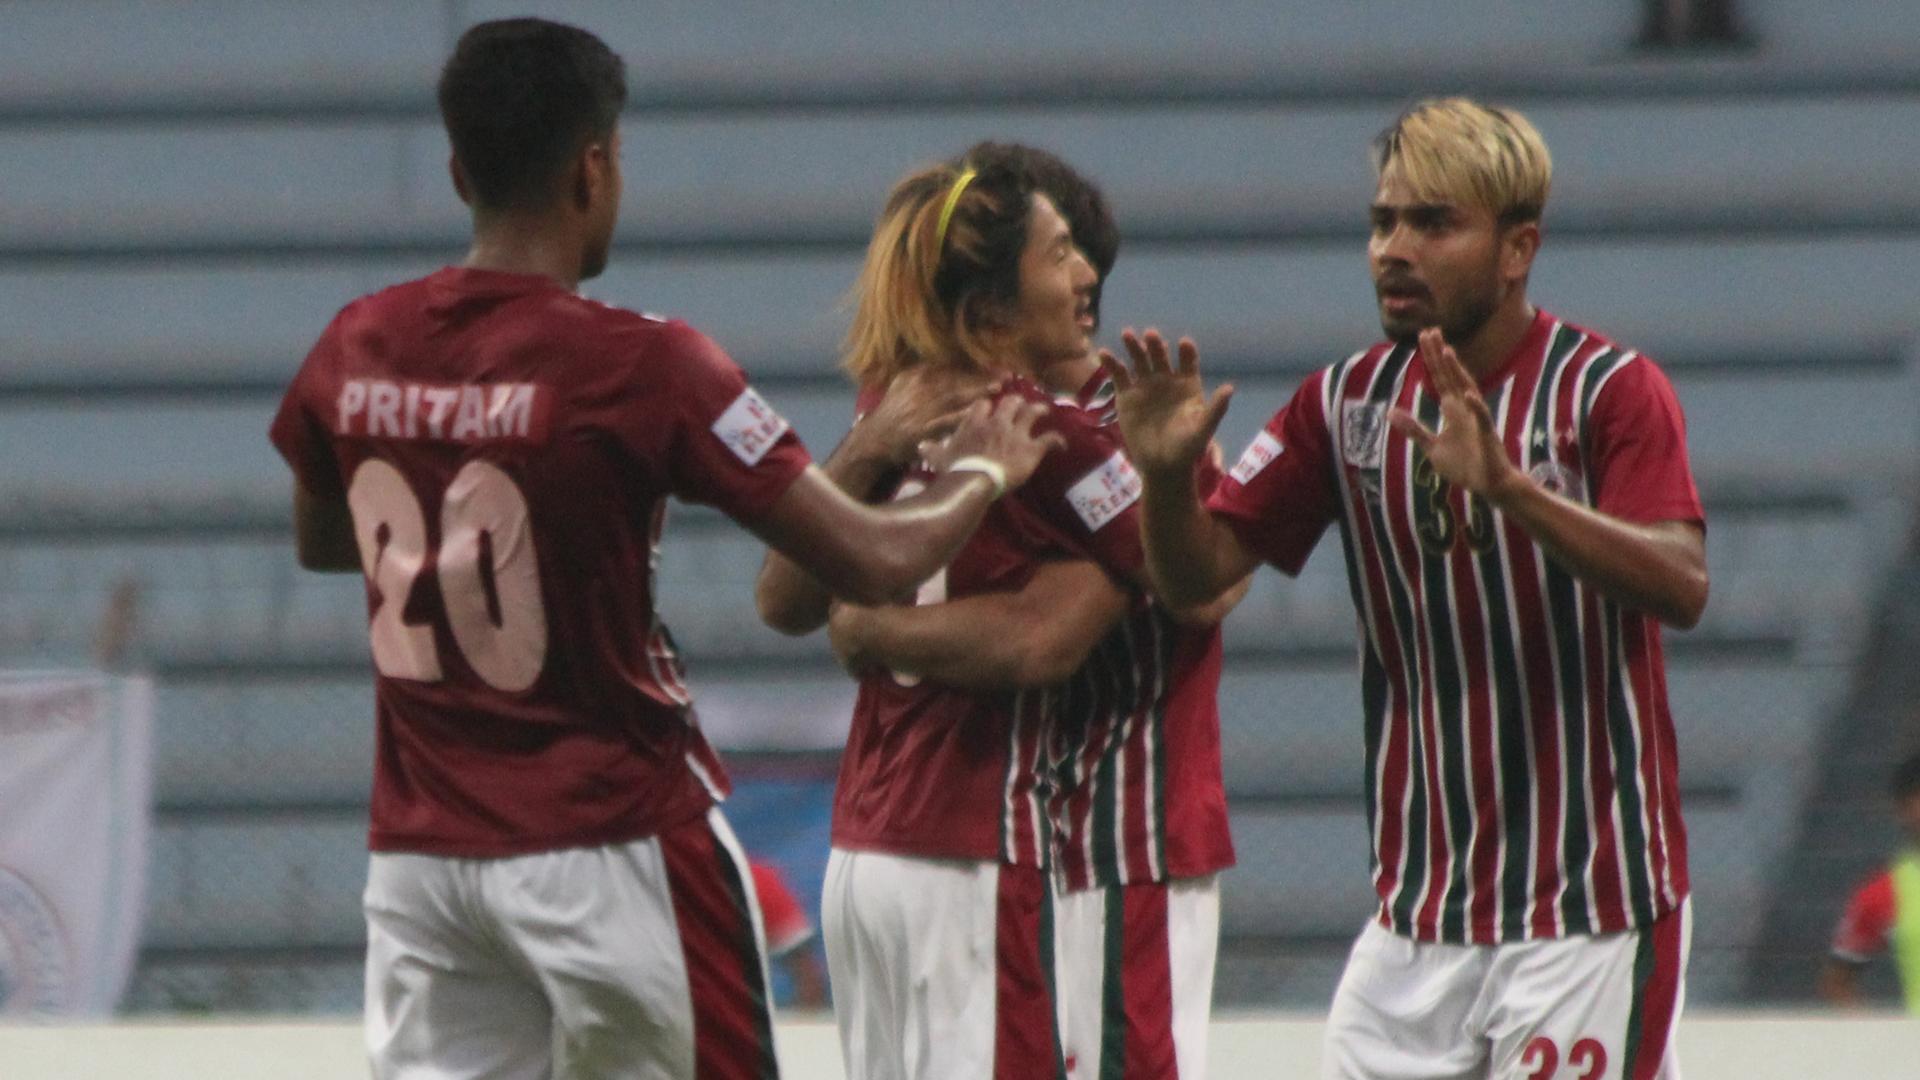 Mohun Bagan DSK Shivajians I-League 2017